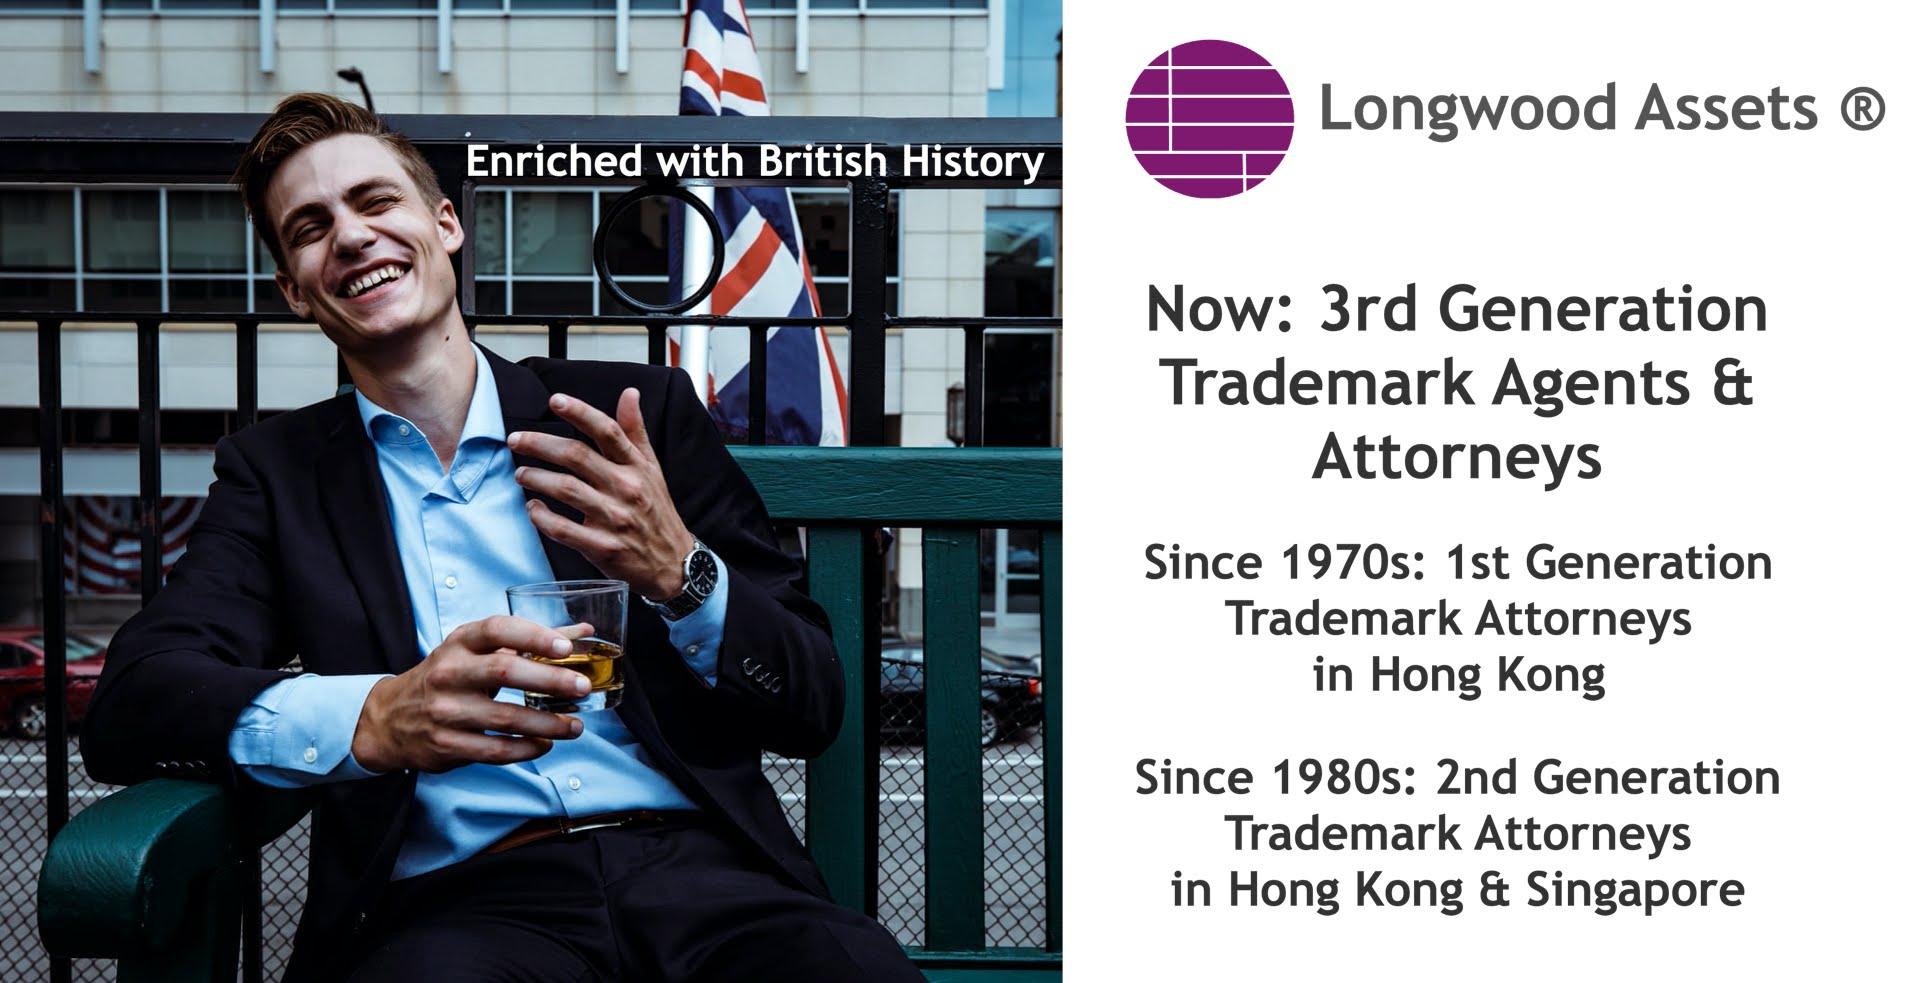 British Trademark History